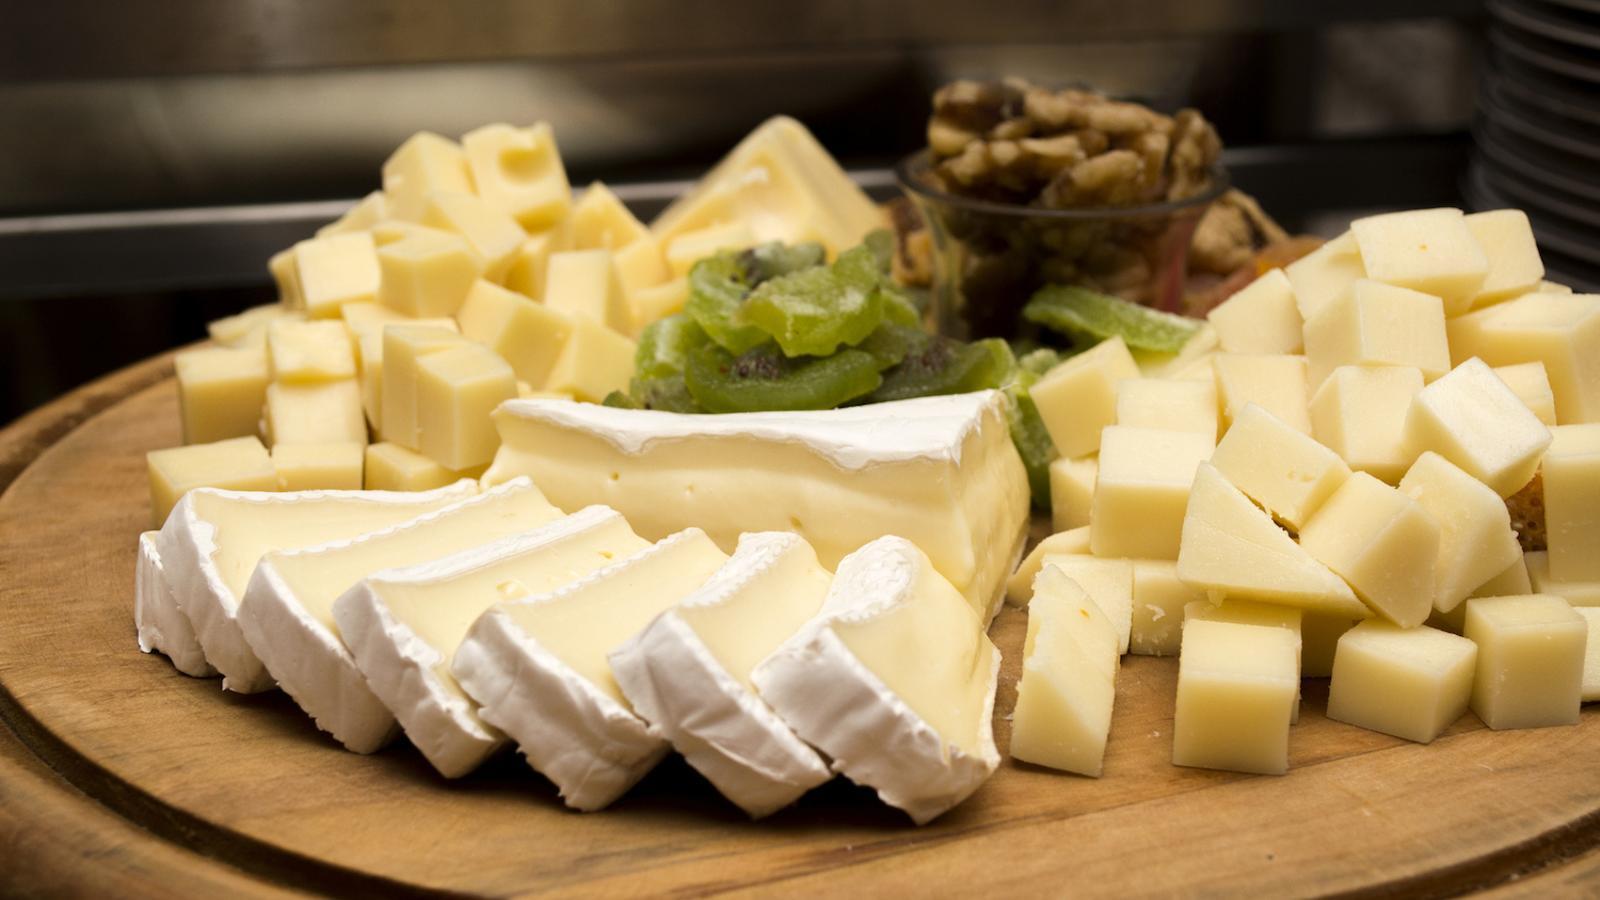 Qui no se sent culpable si menja massa formatge?